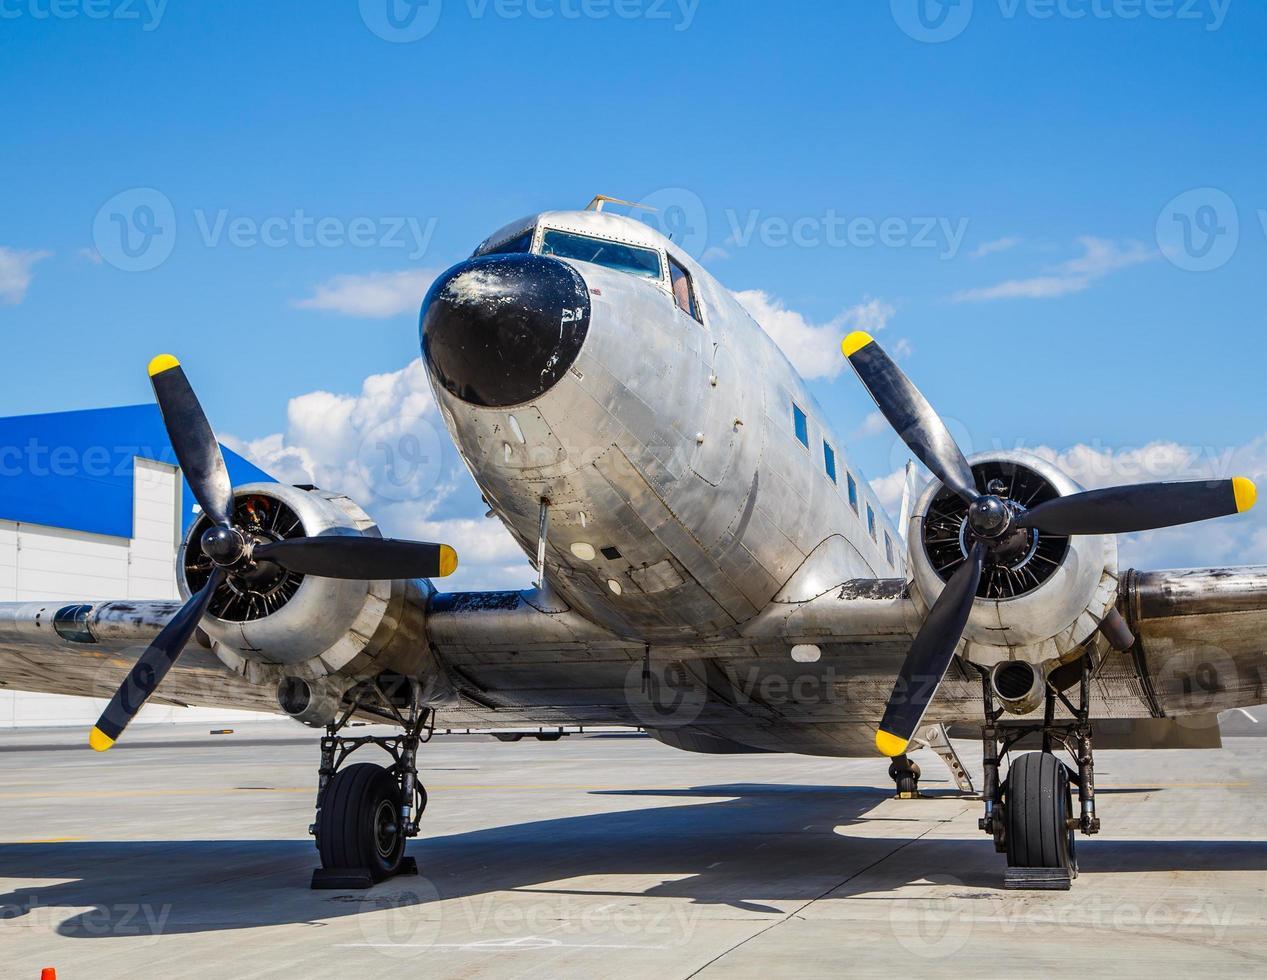 gamla flygplanet Douglas 40s på flygplatsen foto